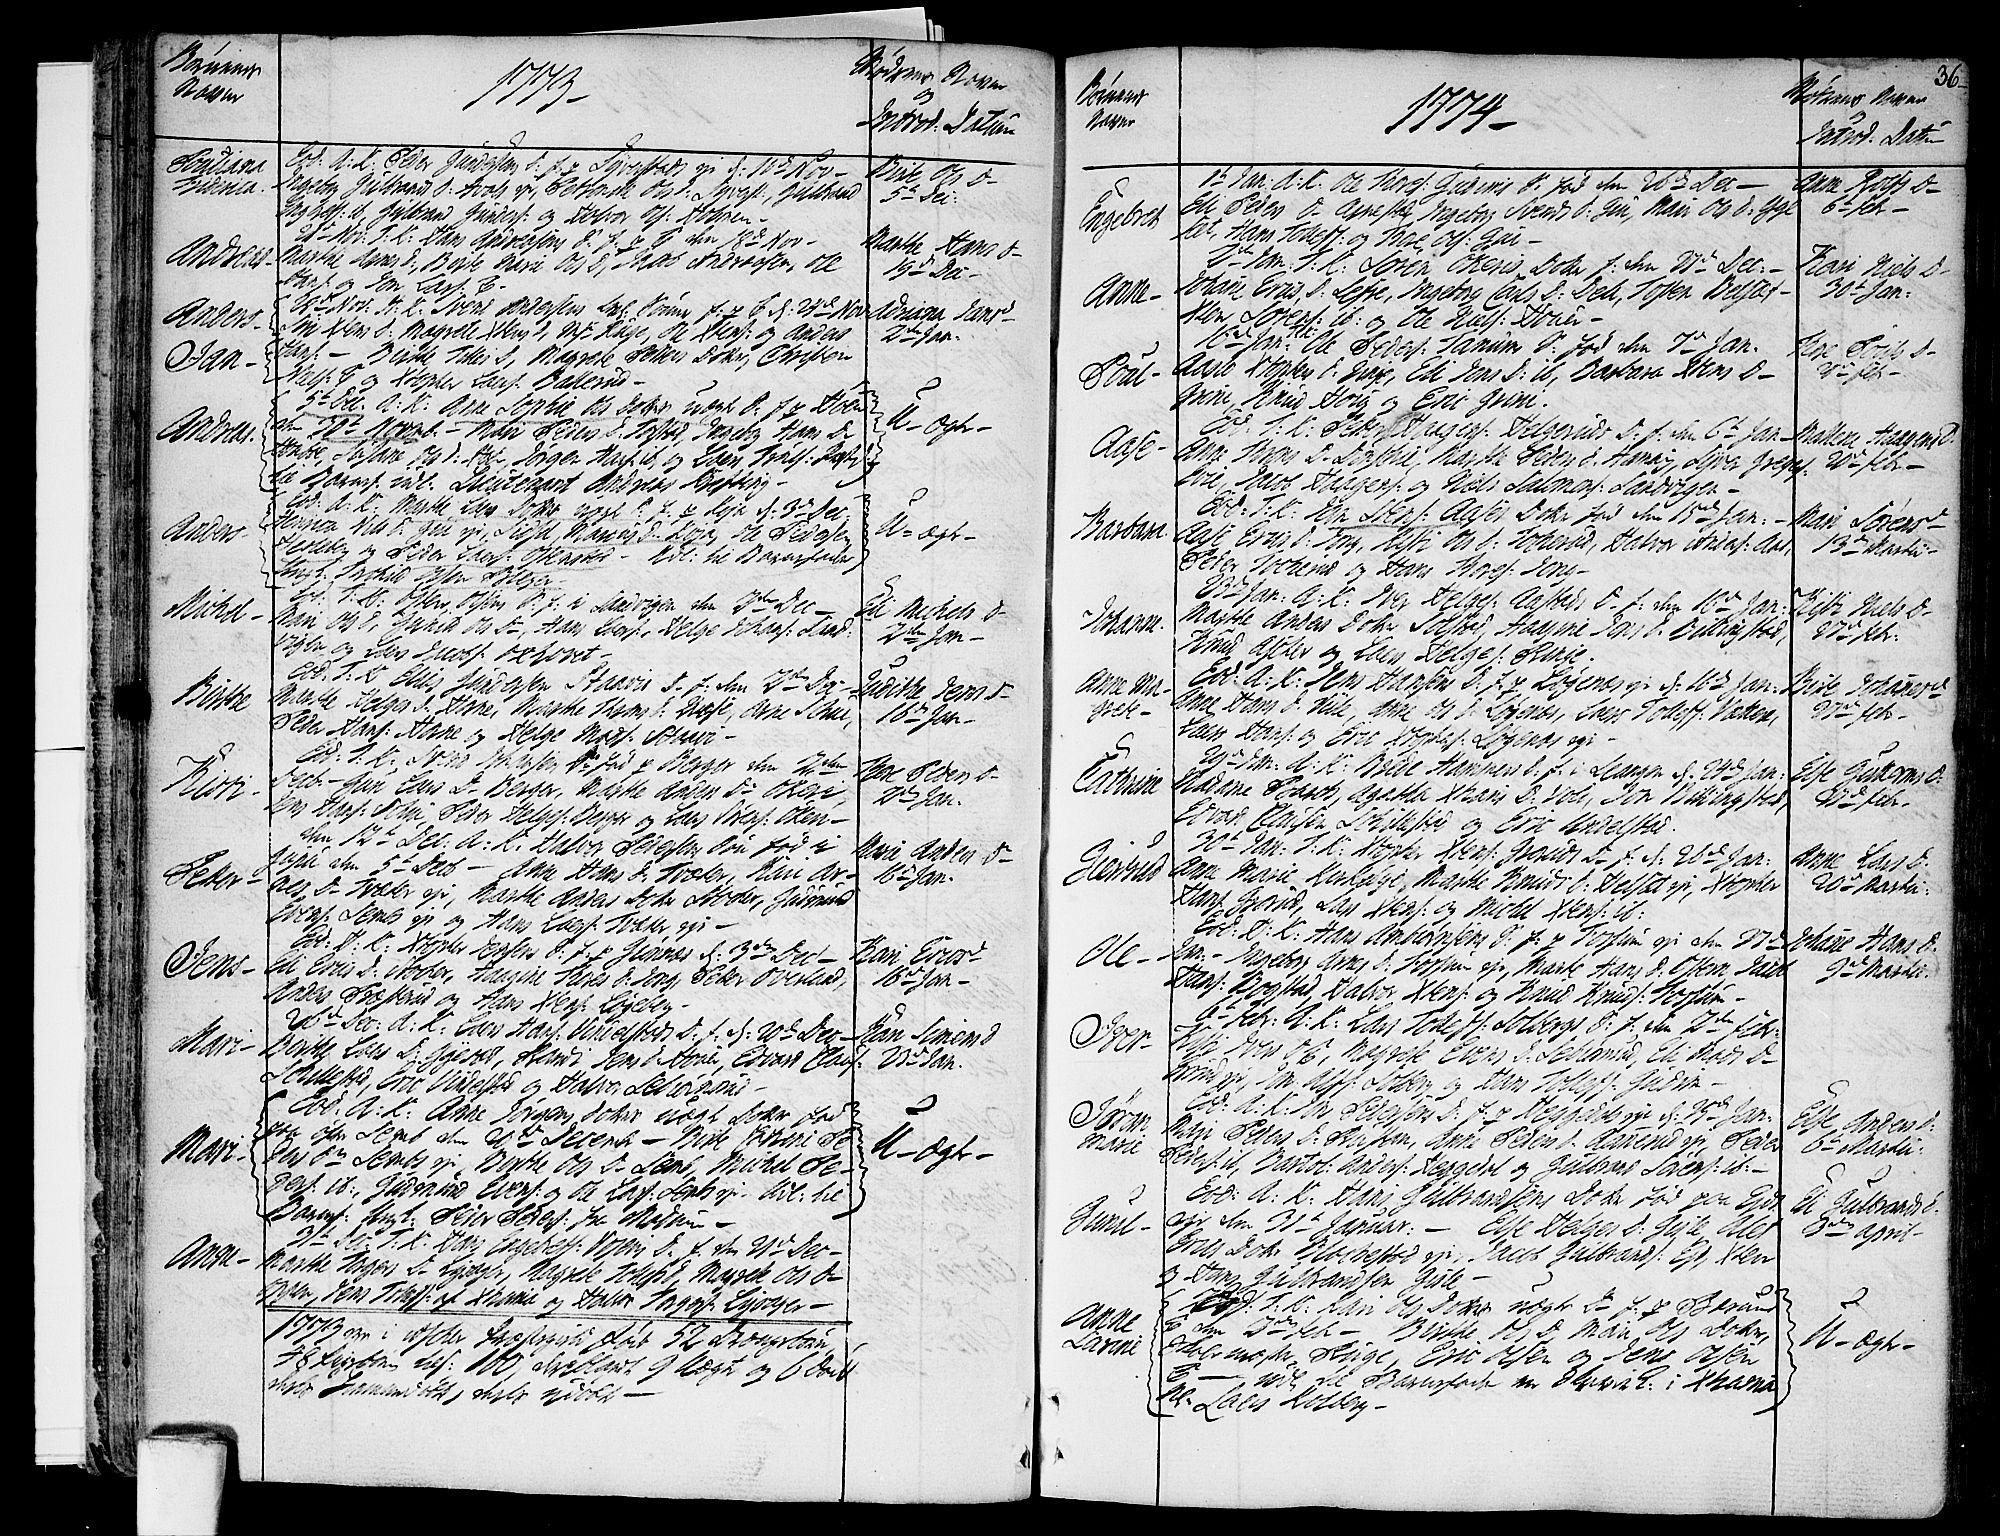 SAO, Asker prestekontor Kirkebøker, F/Fa/L0003: Ministerialbok nr. I 3, 1767-1807, s. 36